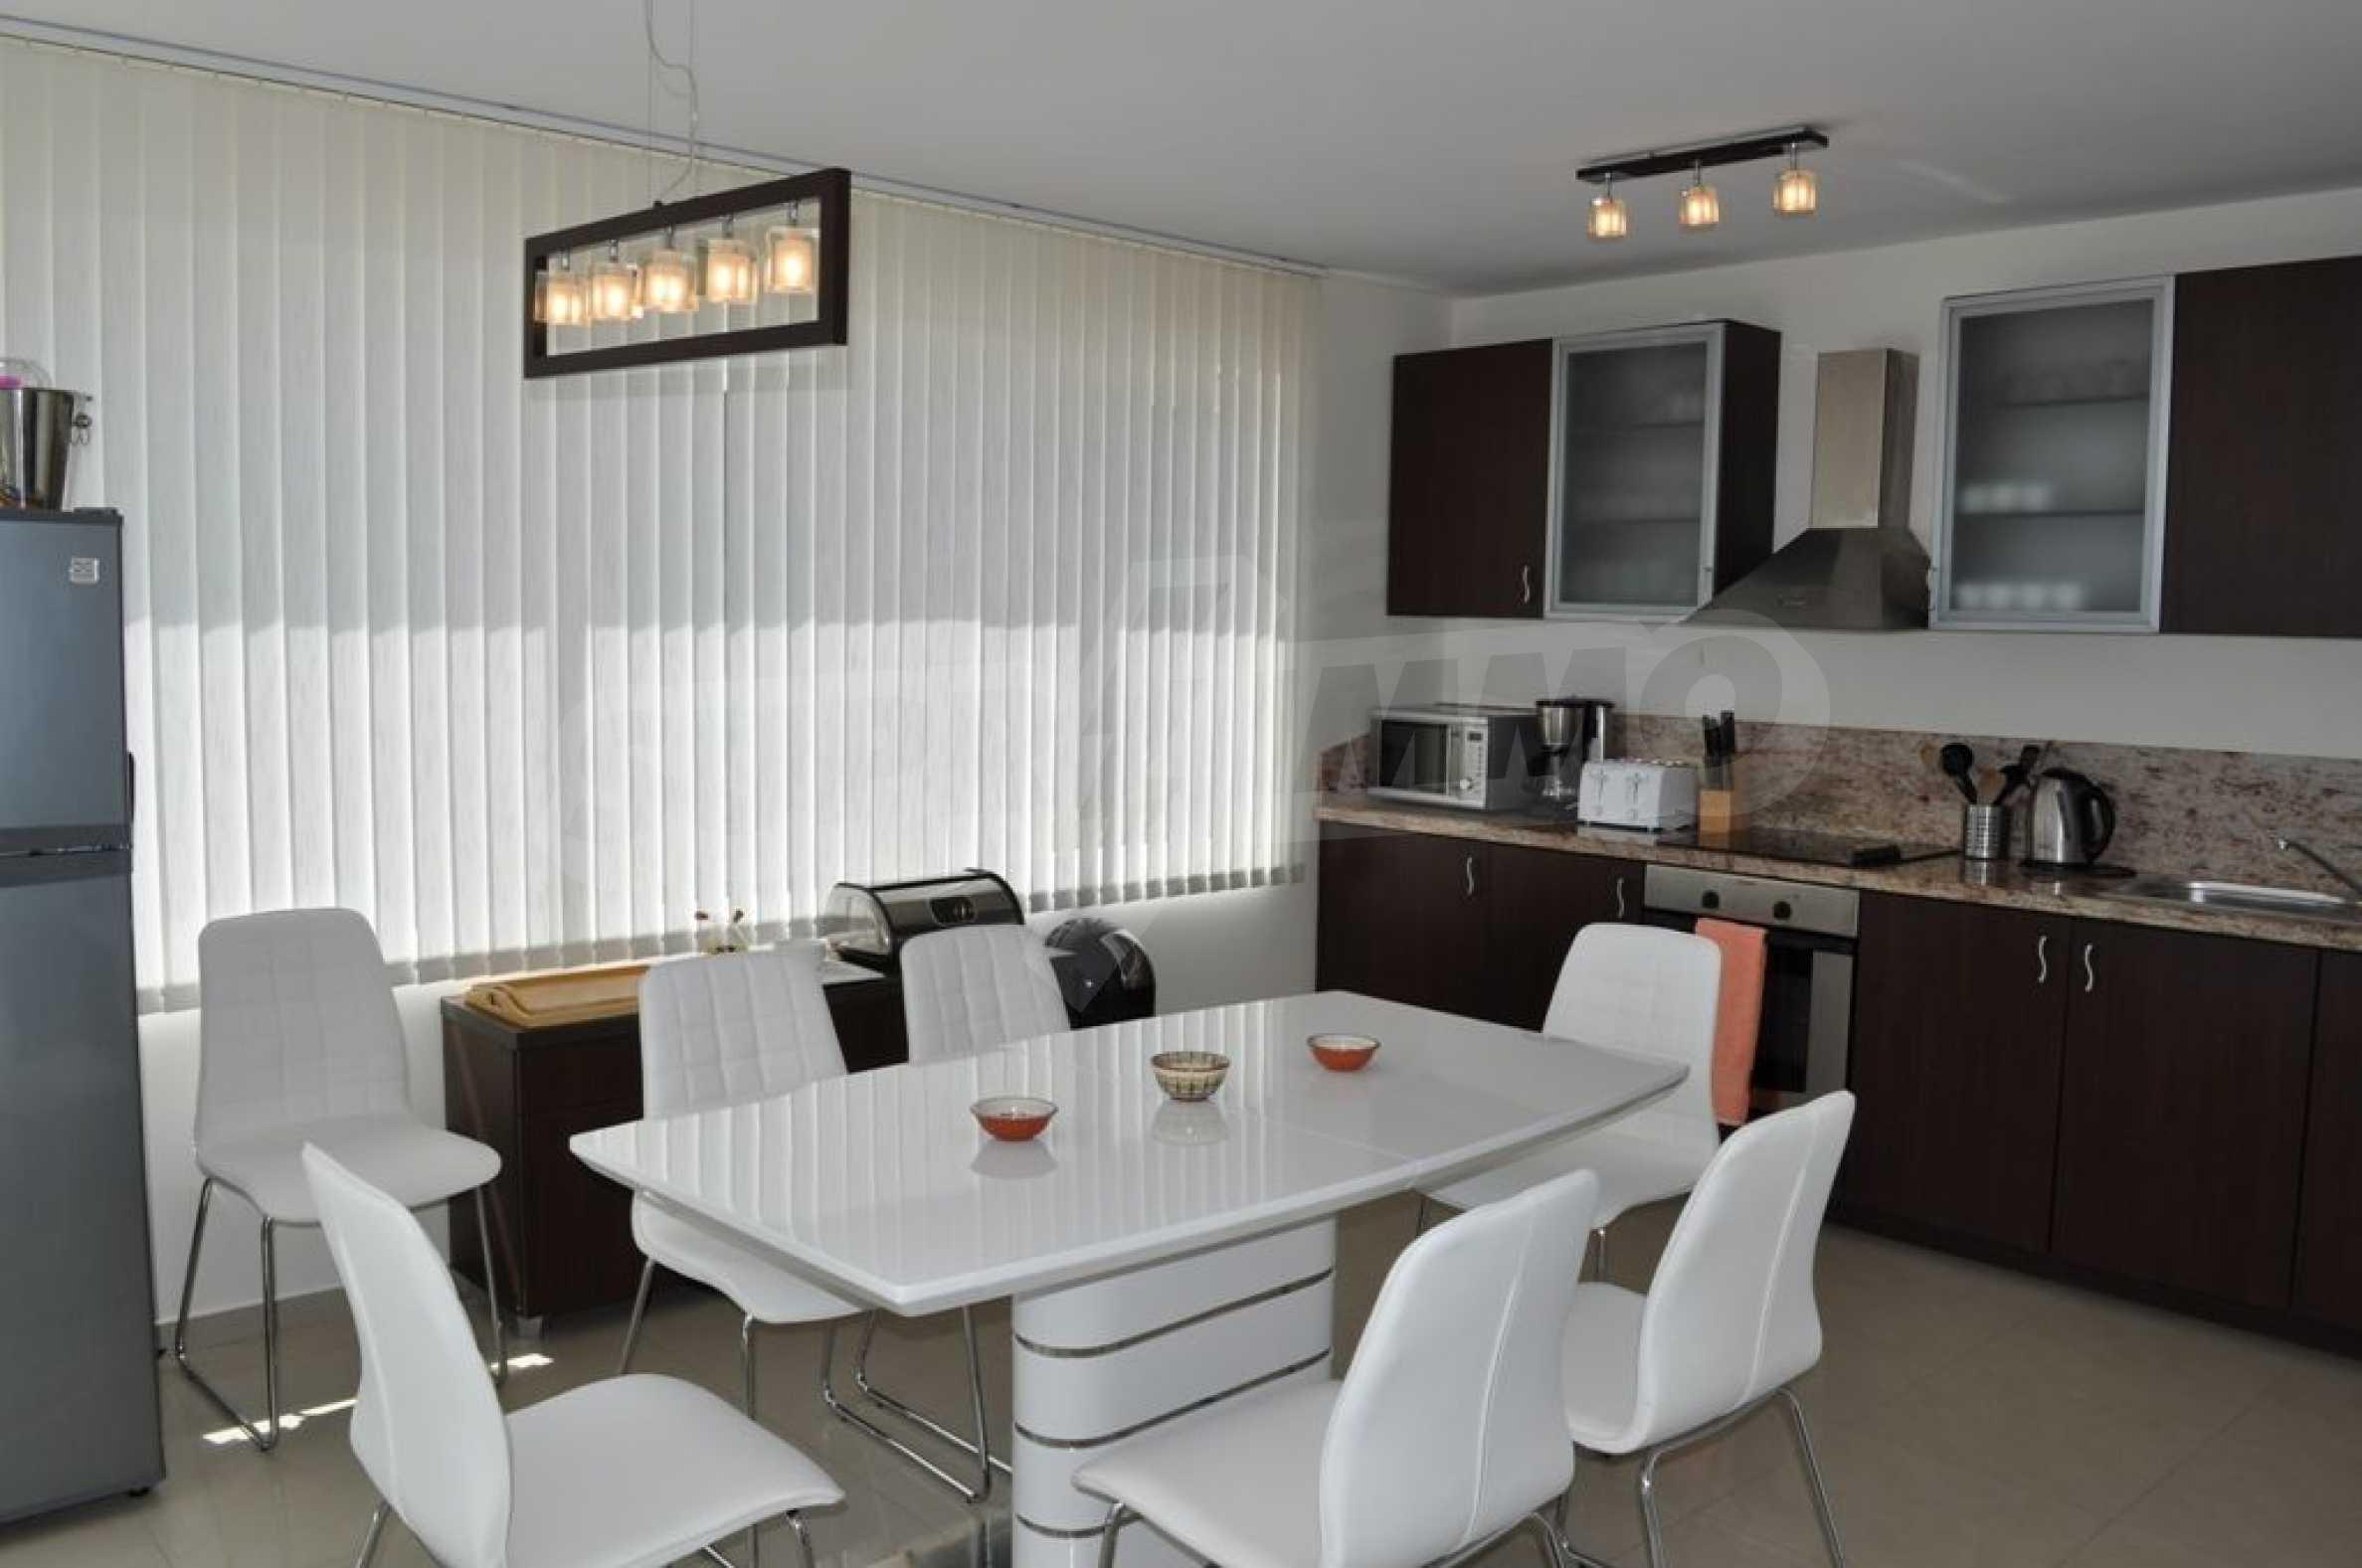 Luxusvilla mit 4 Schlafzimmern zu vermieten in der Nähe des Resorts. Albena 6